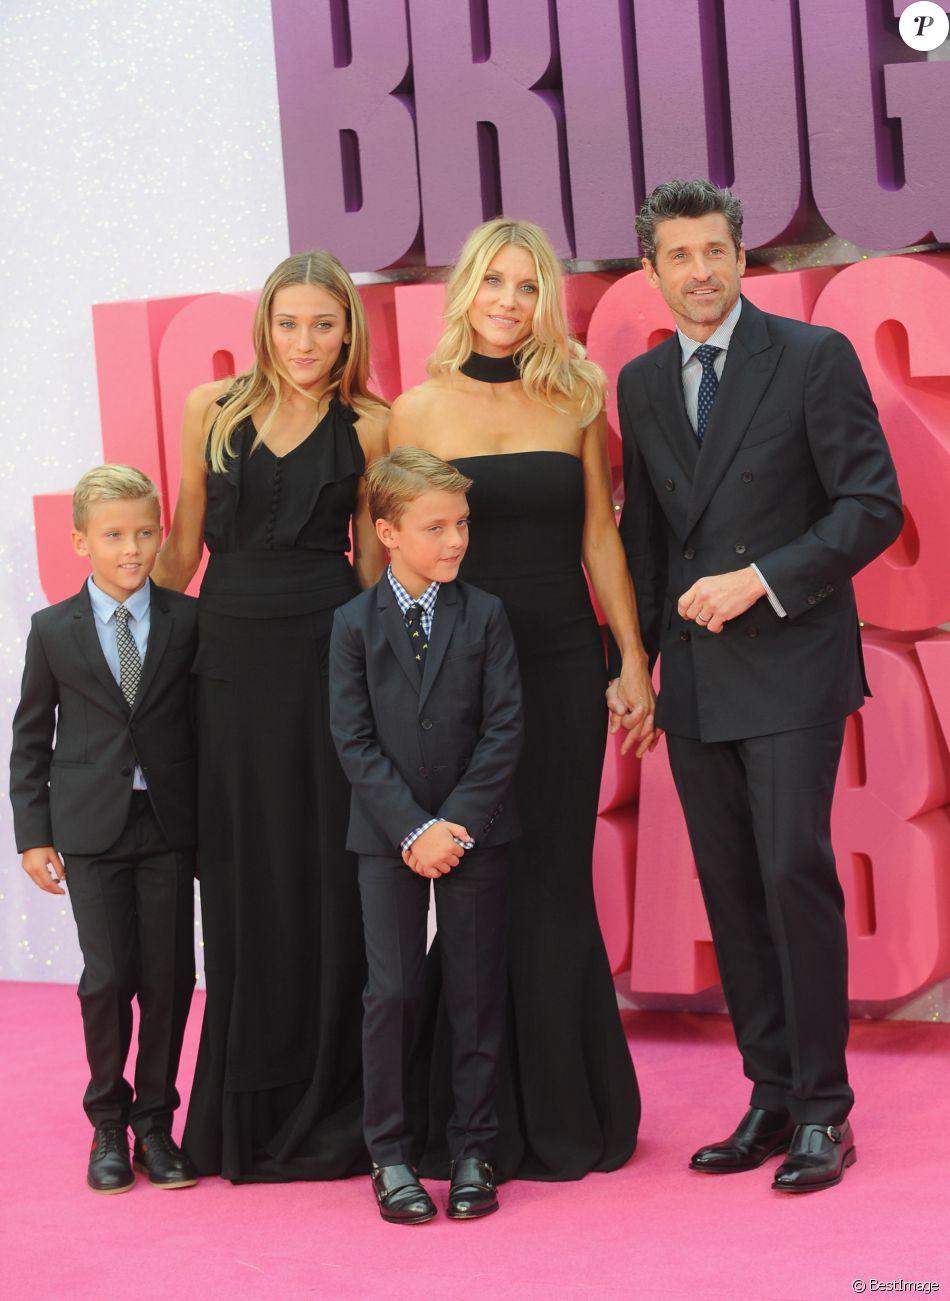 """Patrick Dempsey, sa femme Jillian Dempsey et leurs enfants Darby Galen Dempsey, Tallula Fyfe Dempsey et Sullivan Patrick Dempsey - Avant-première mondiale du film """"Bridget Jones's Baby"""" au cinéma Odeon Leicester Square à Londres, Royaume Uni, le 5 septembre 2016."""